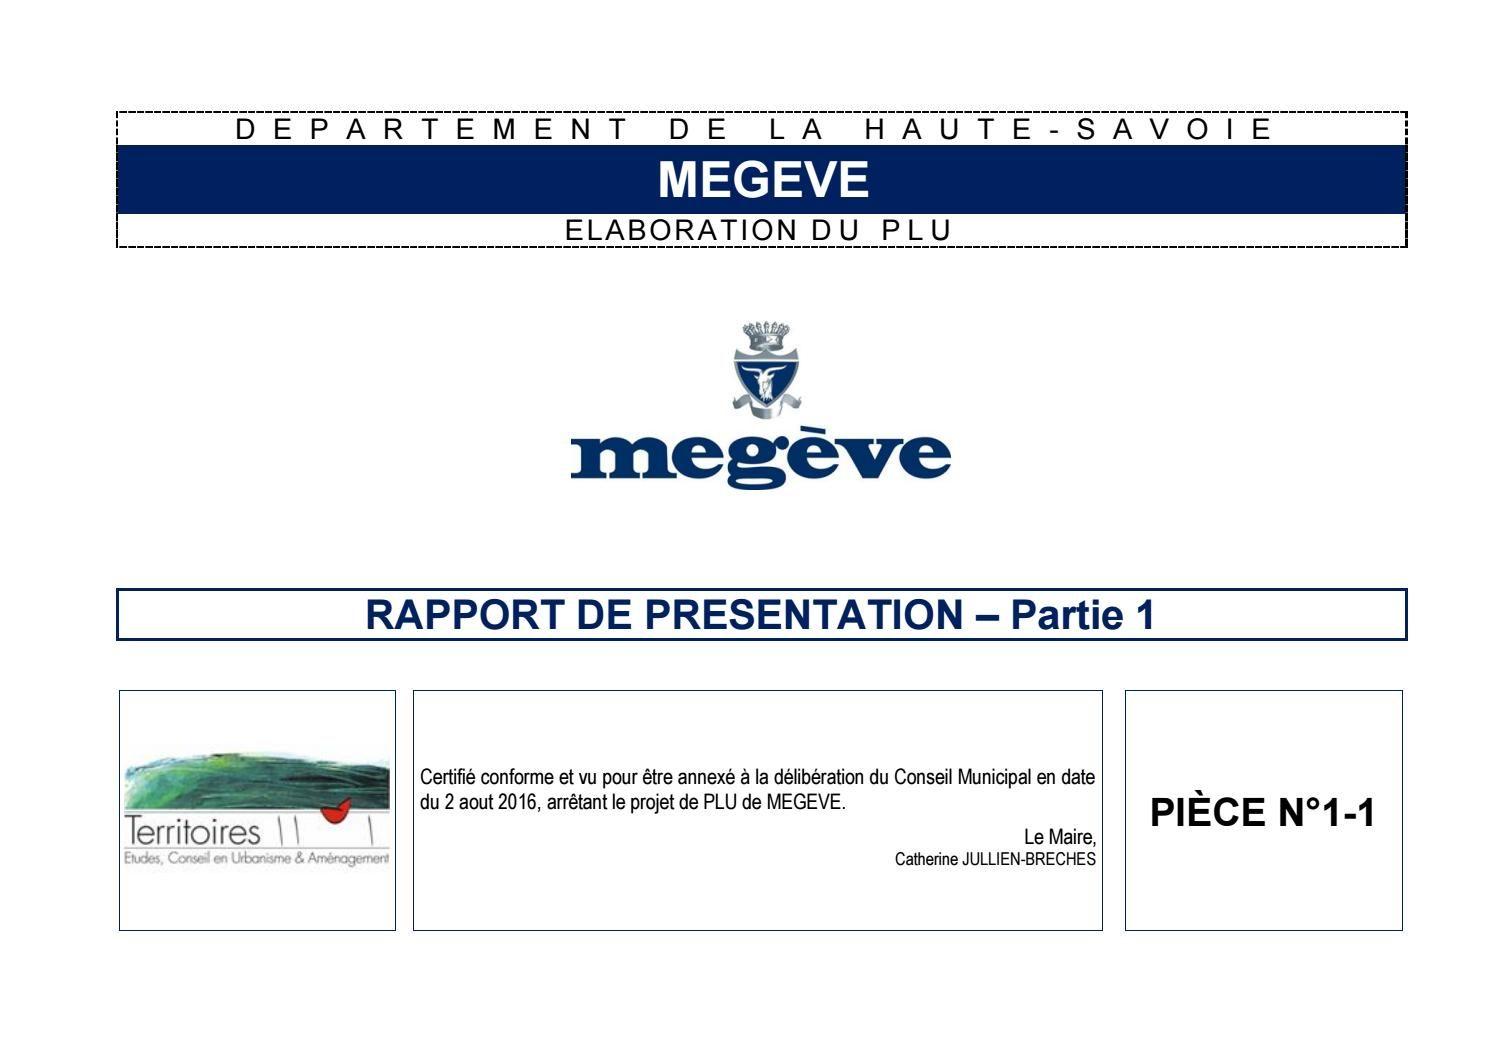 Lit Coffre Sans Tête De Lit Impressionnant Rapport Plu Part 1 by Meg¨ve Officiel issuu